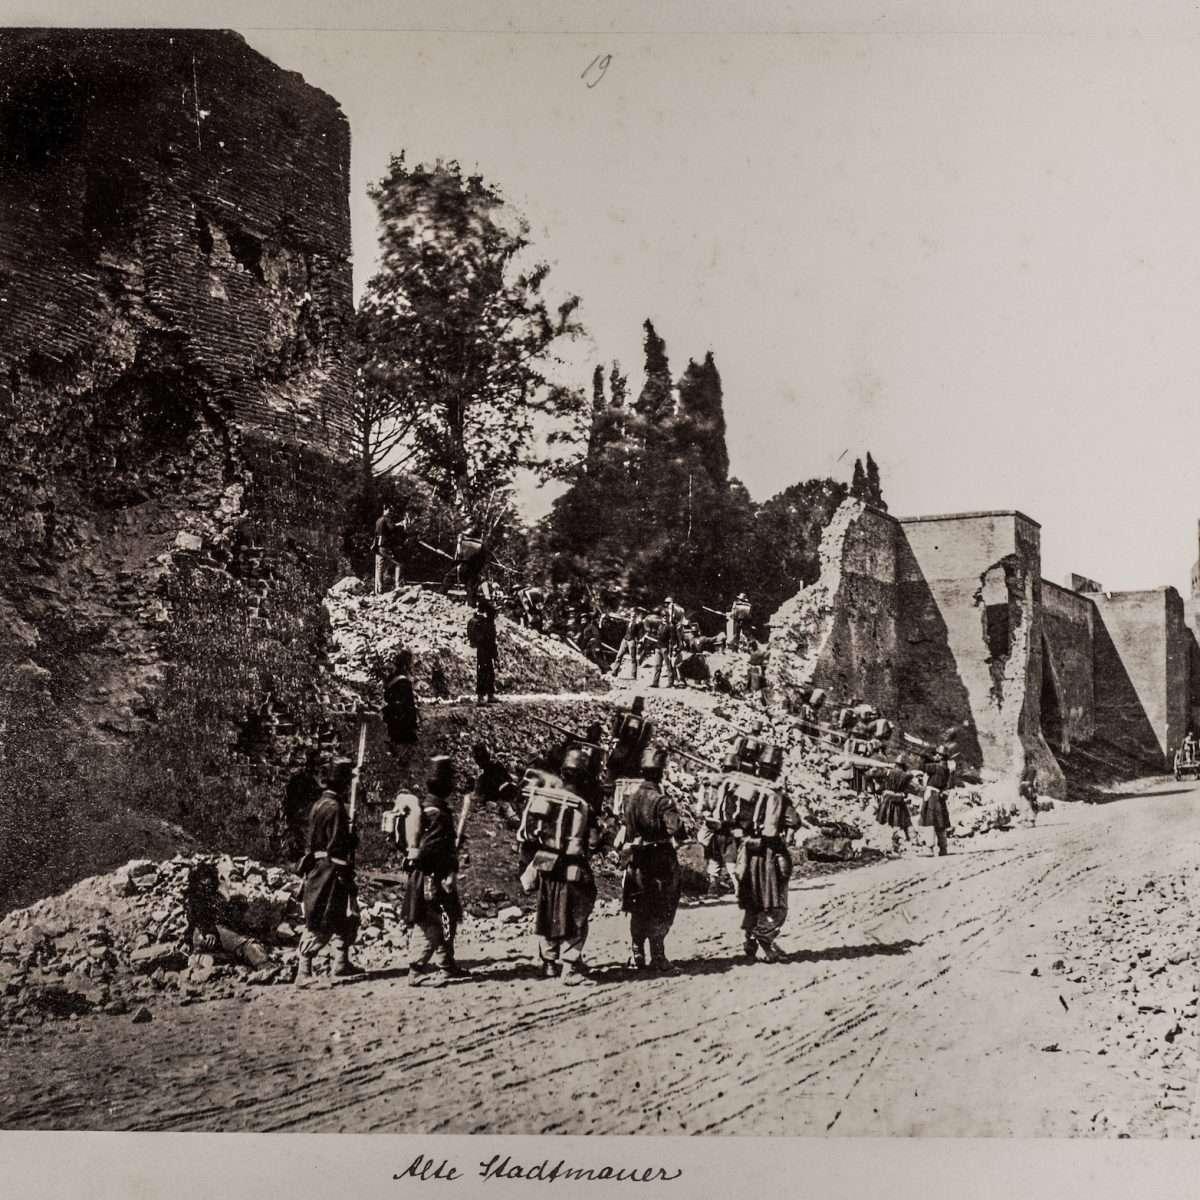 L-1090161 - Breccia di Porta Pia - 1870